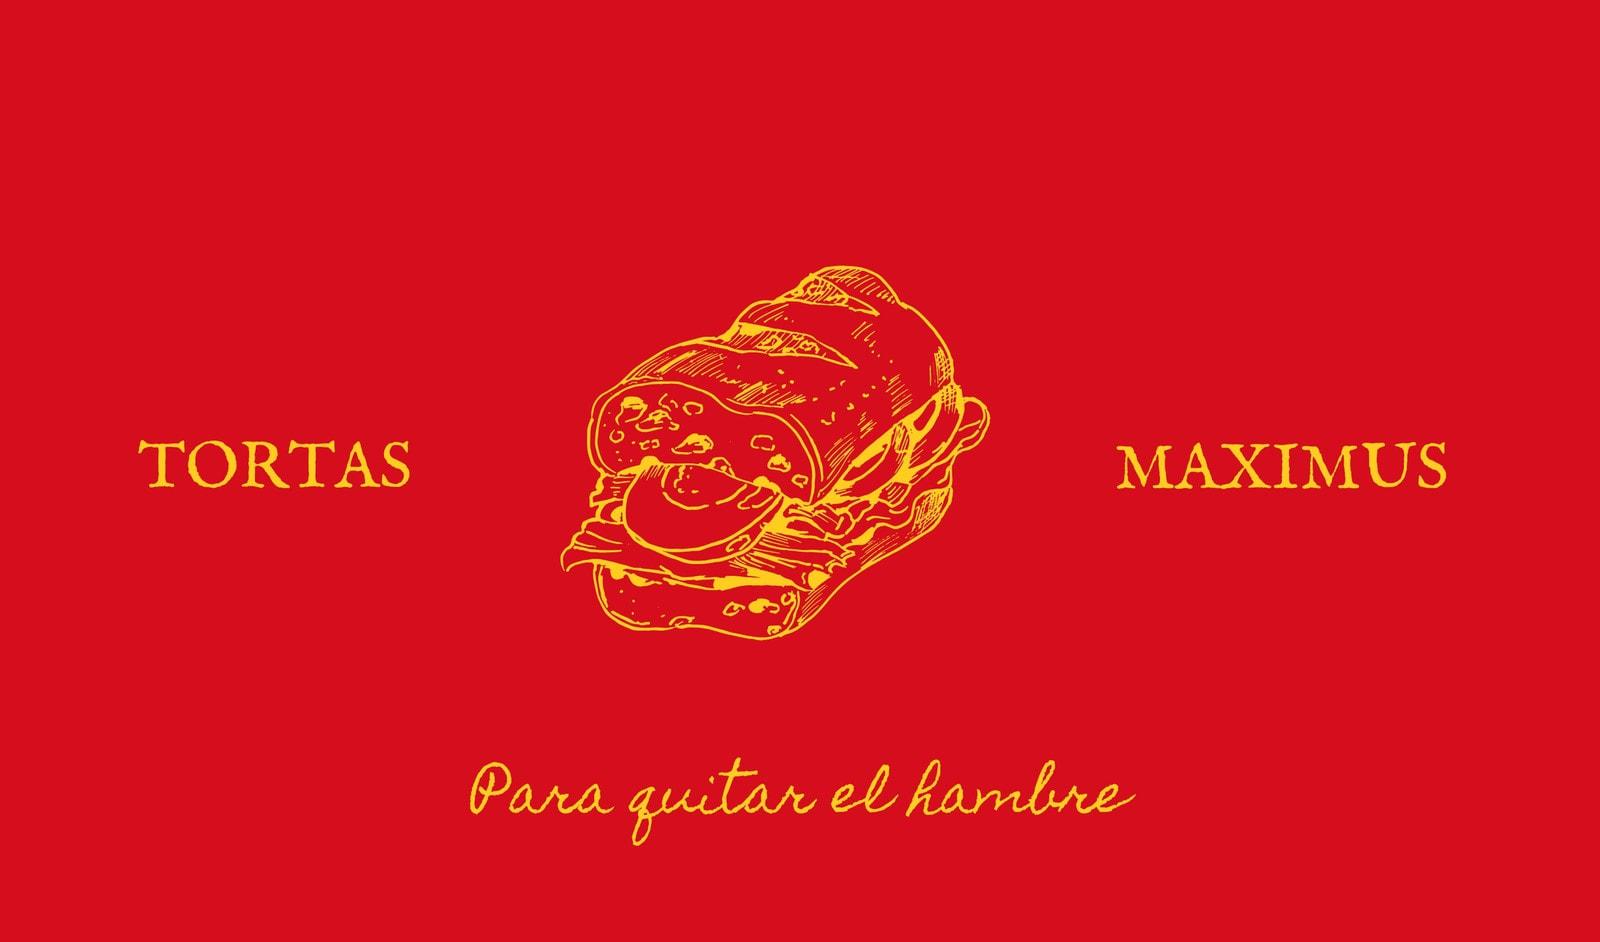 Tortas Maximus tradicional vintage con ilustración de torta con fondo rojo Tarjeta de presentación